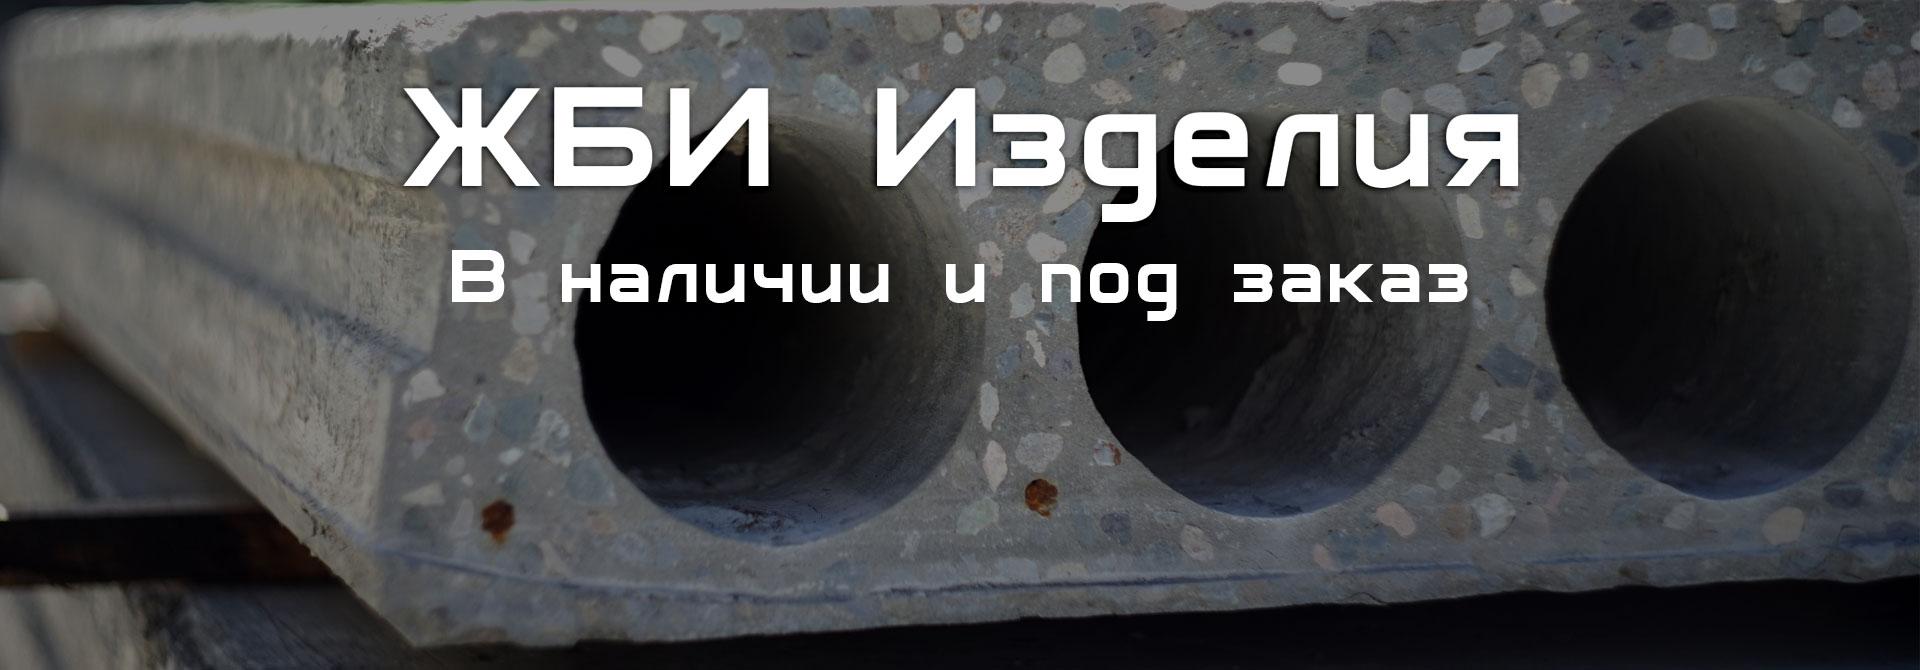 title_5e8249a6e27161384984831585596838